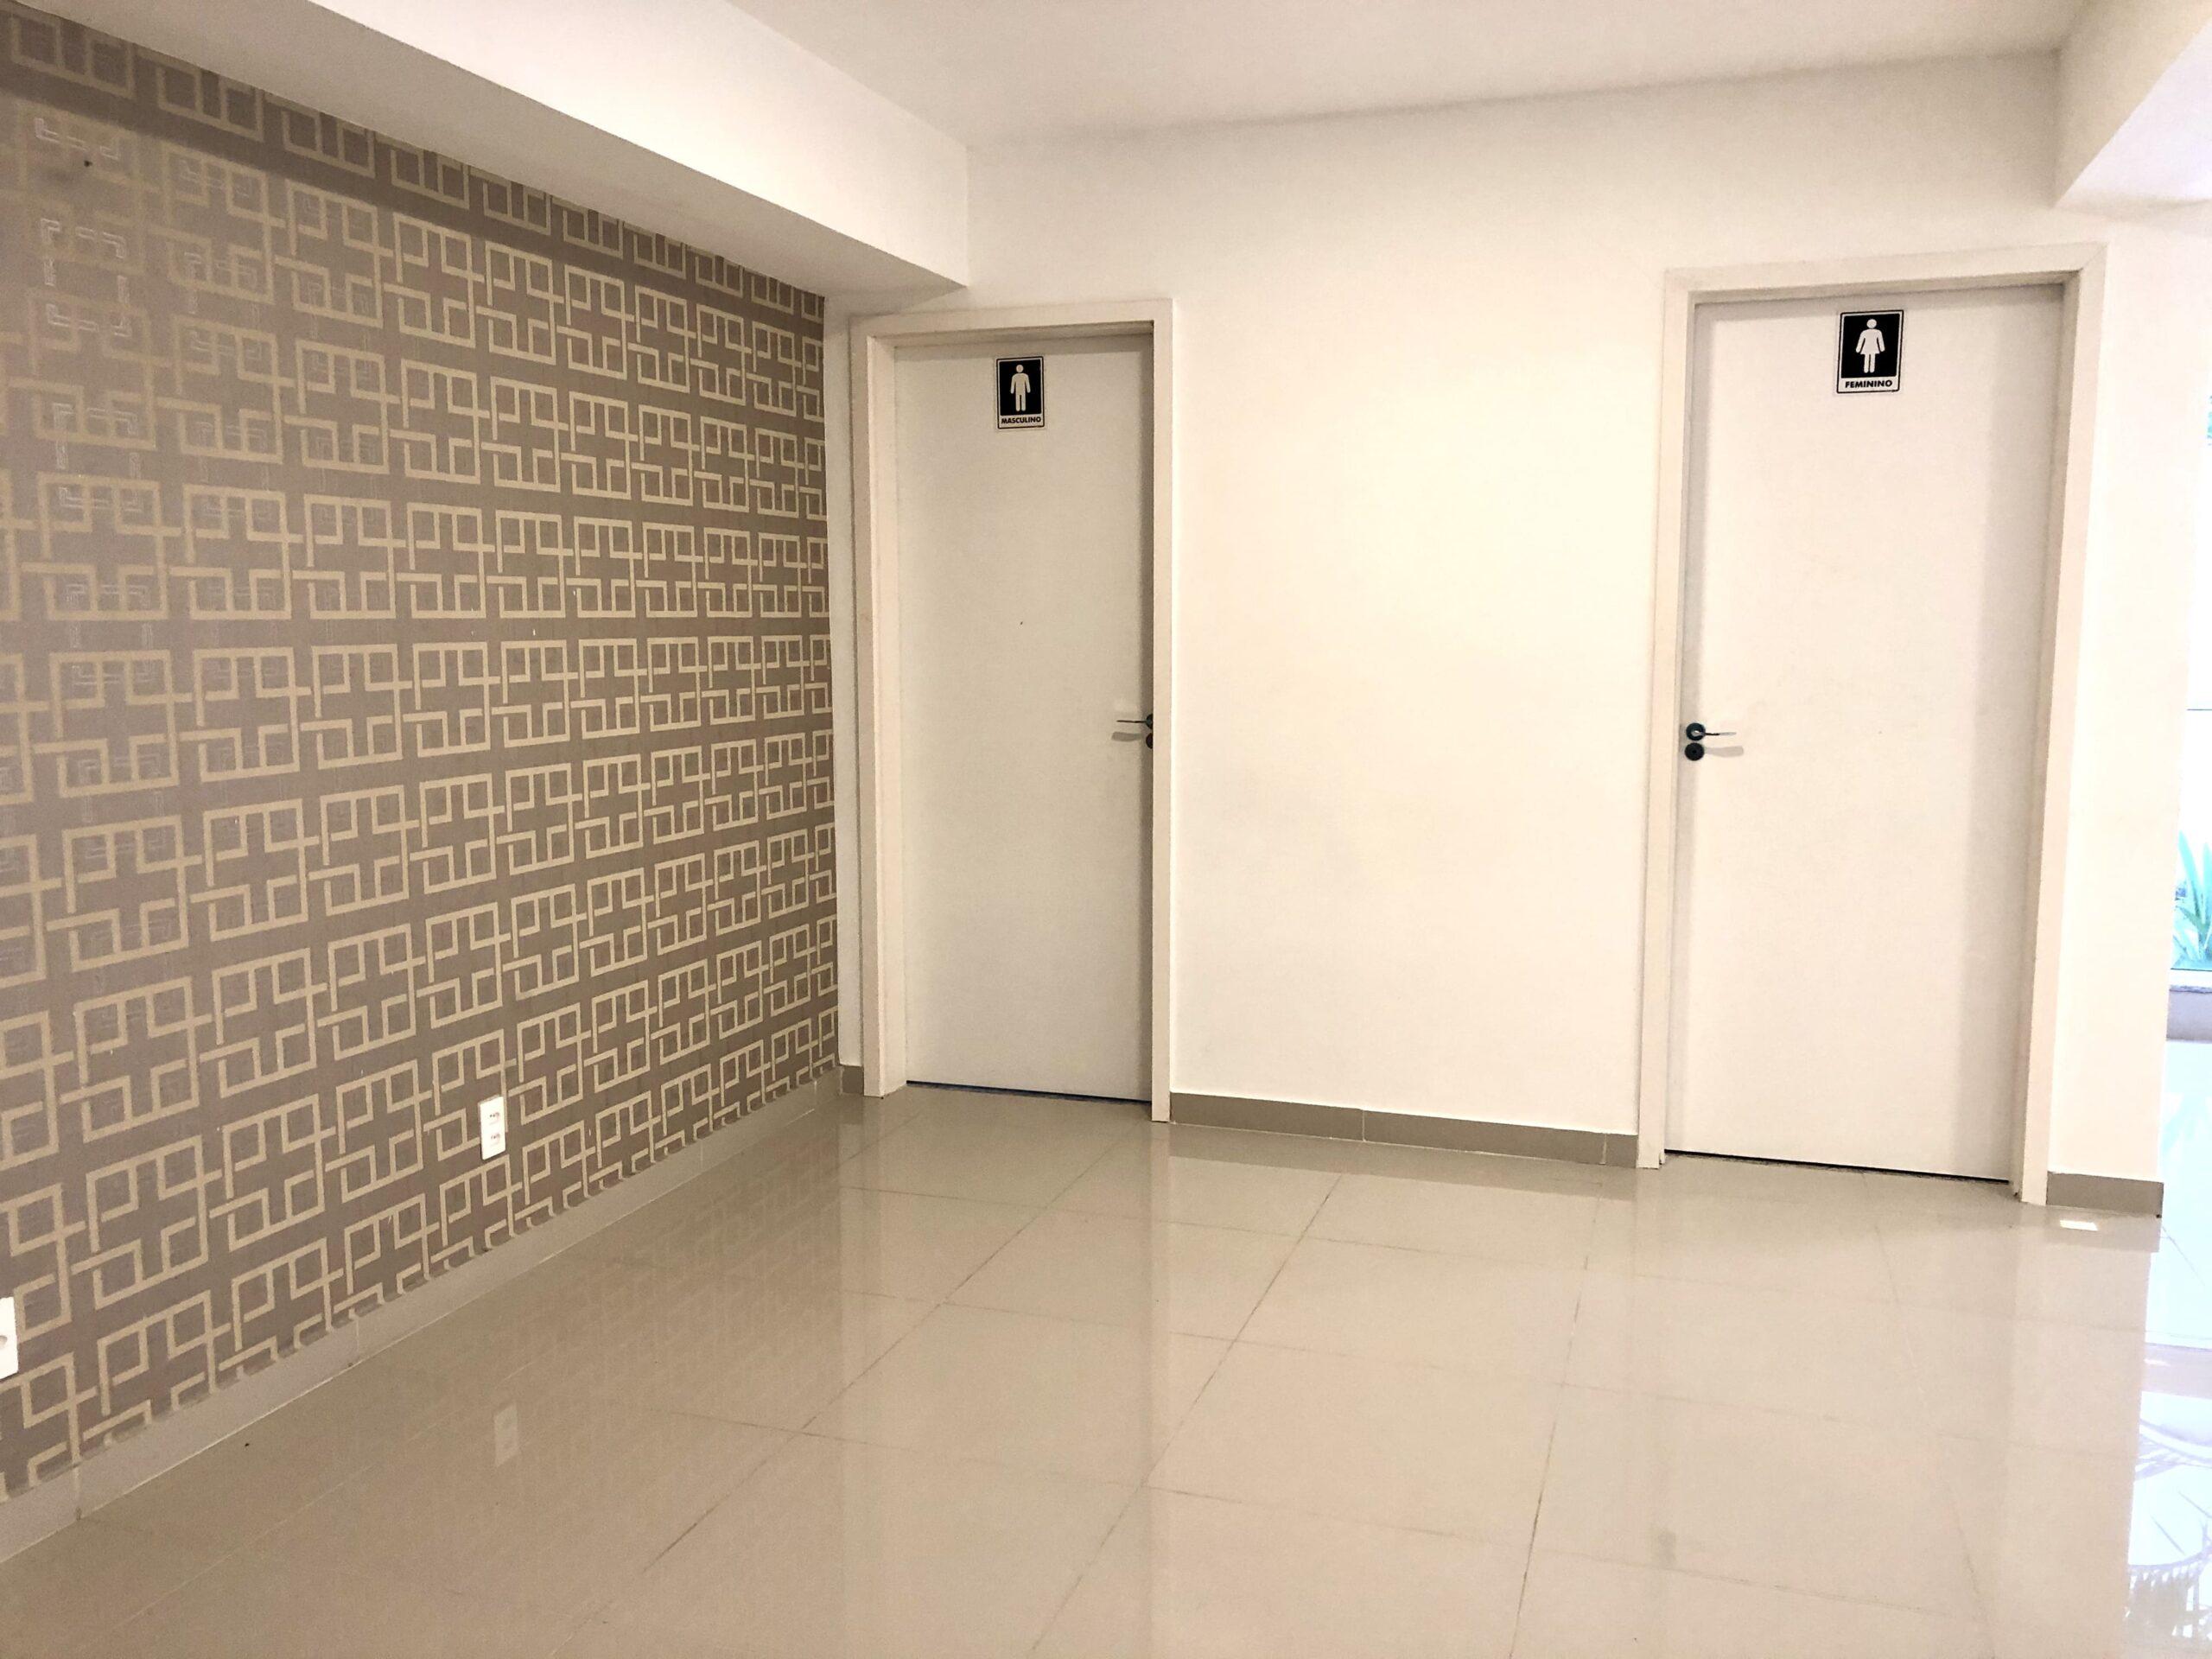 16 Apartamento para venda no Edifício Recanto das Palmeiras Teresina,3 Quartos, sendo 1 suíte, banheiro social, 1 vaga, piso em porcelanato